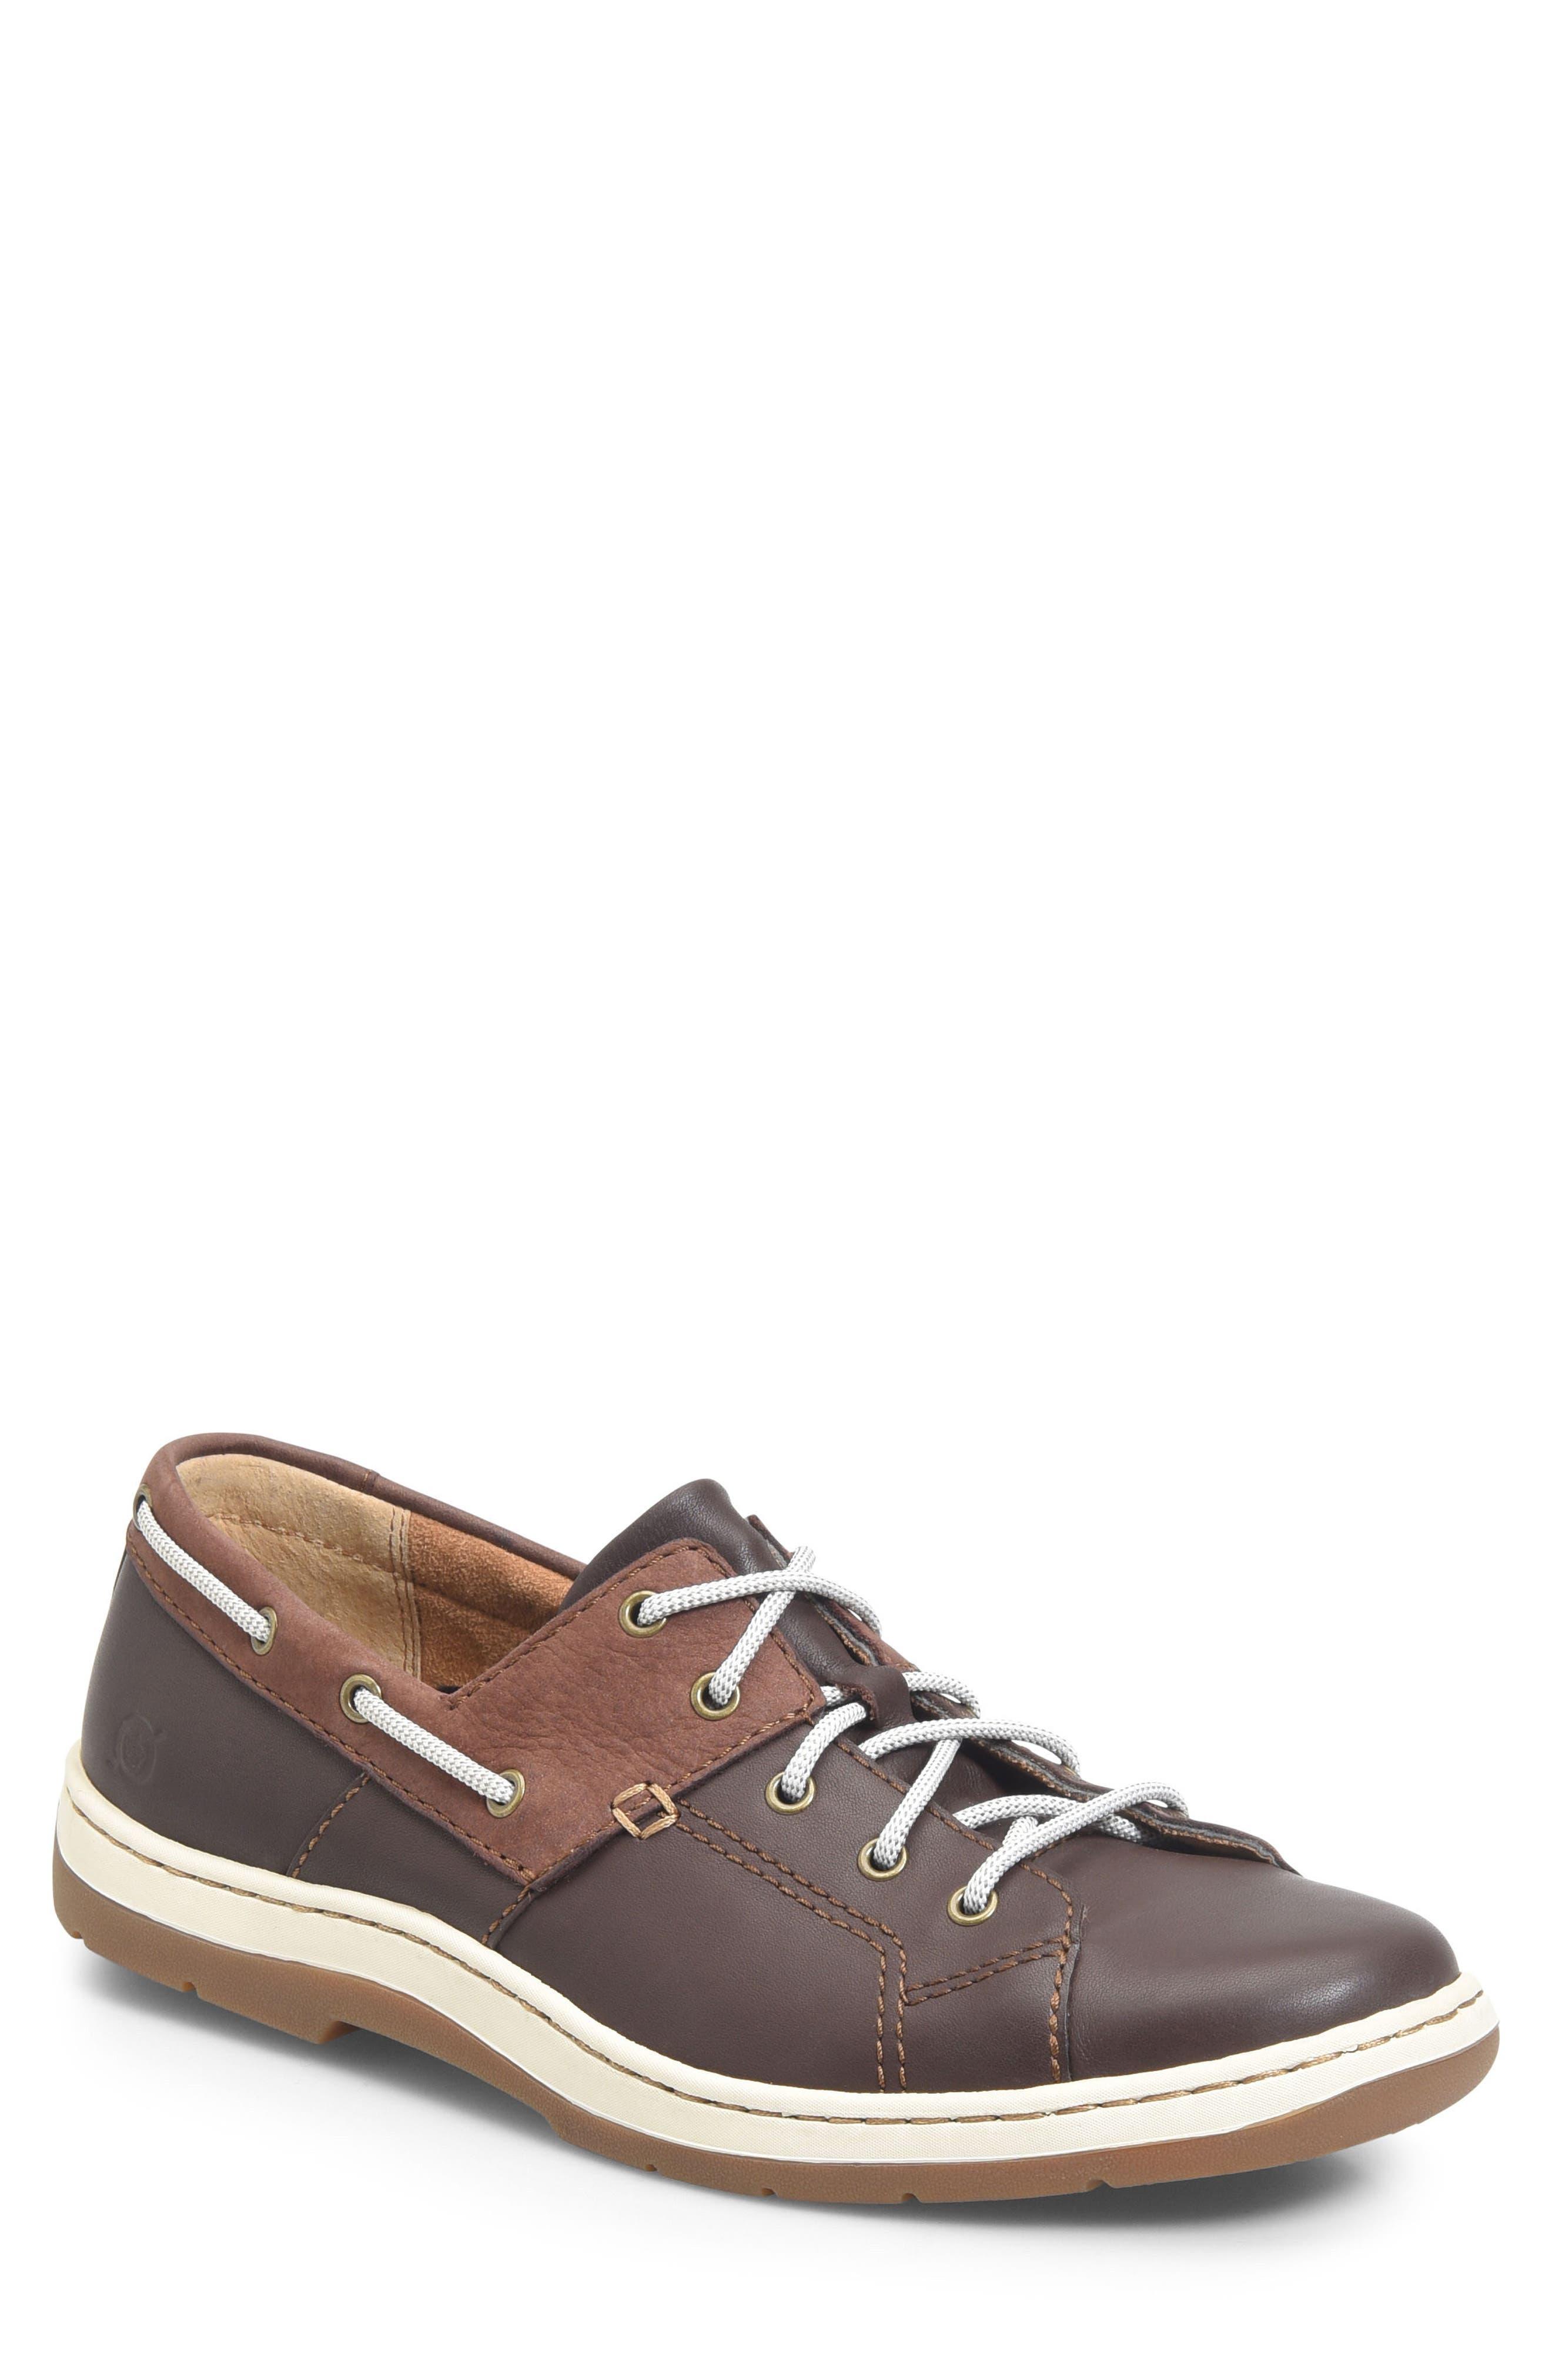 Marius Boat Shoe Sneaker,                         Main,                         color, 205